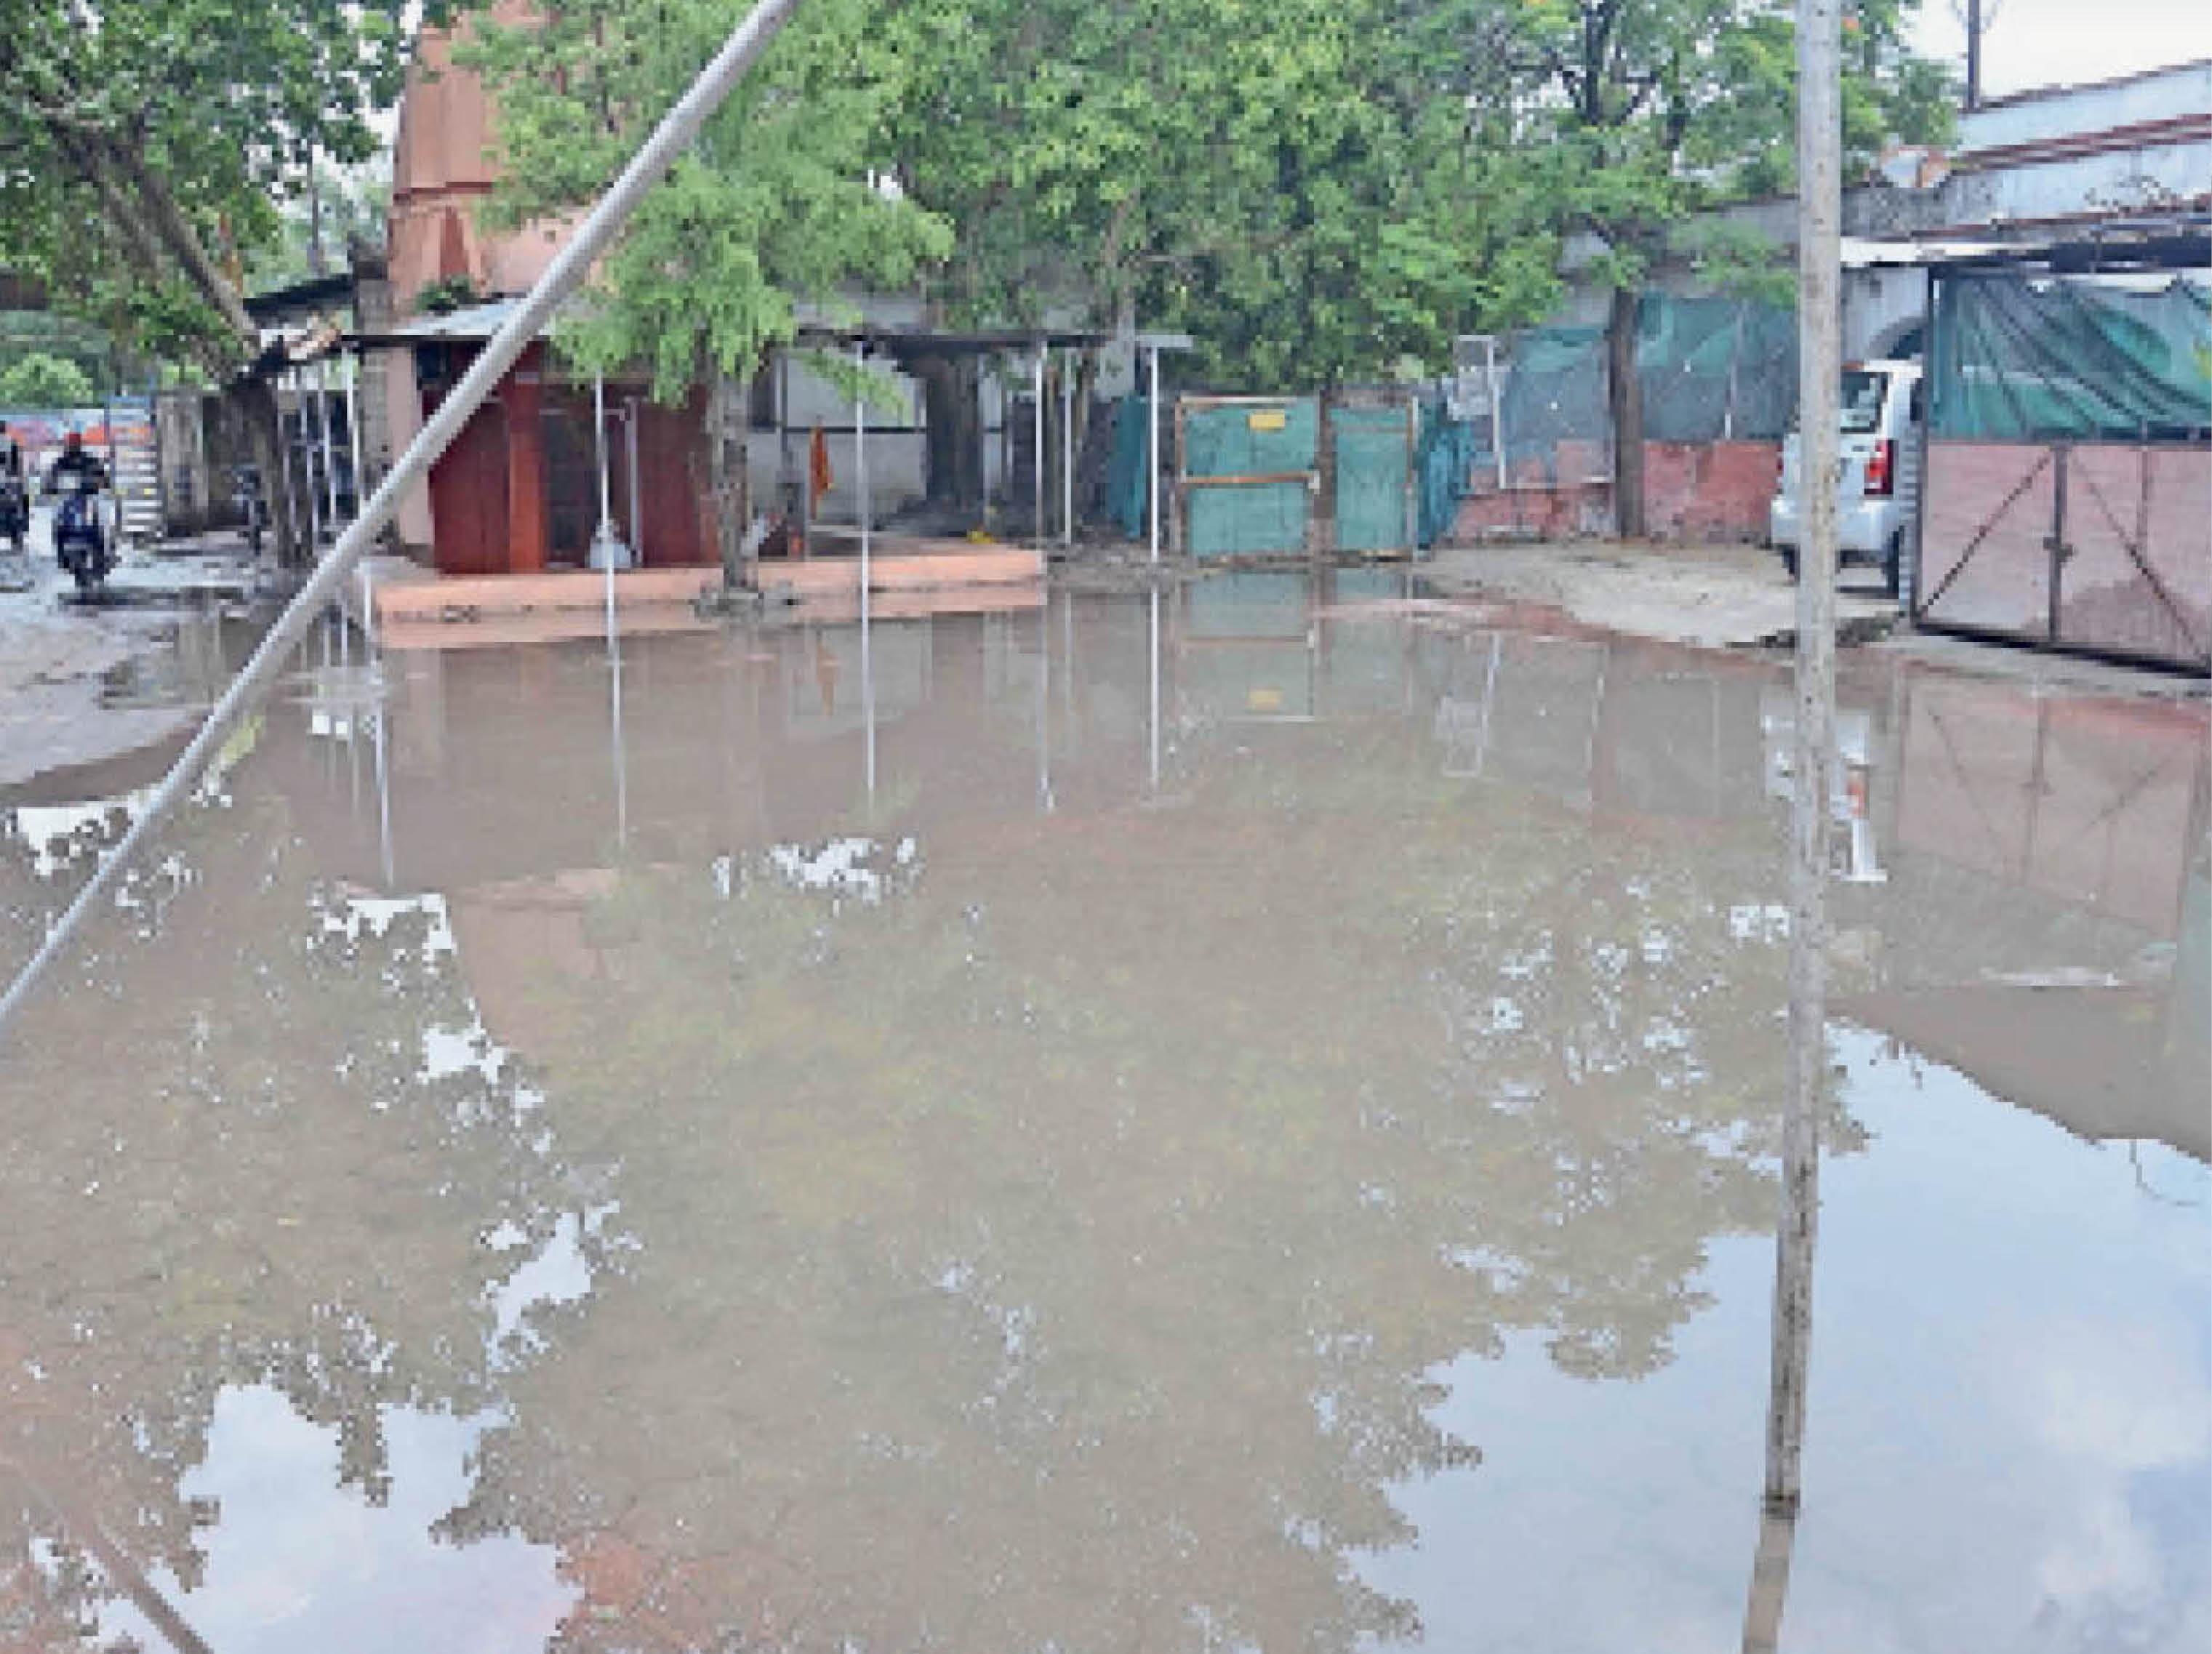 जिला अस्पताल के सामने कैंसर यूनिट परिसर में पानी भर गया। इससे वैक्सीन लगवाने आए लोग परेशान हुए। - Dainik Bhaskar